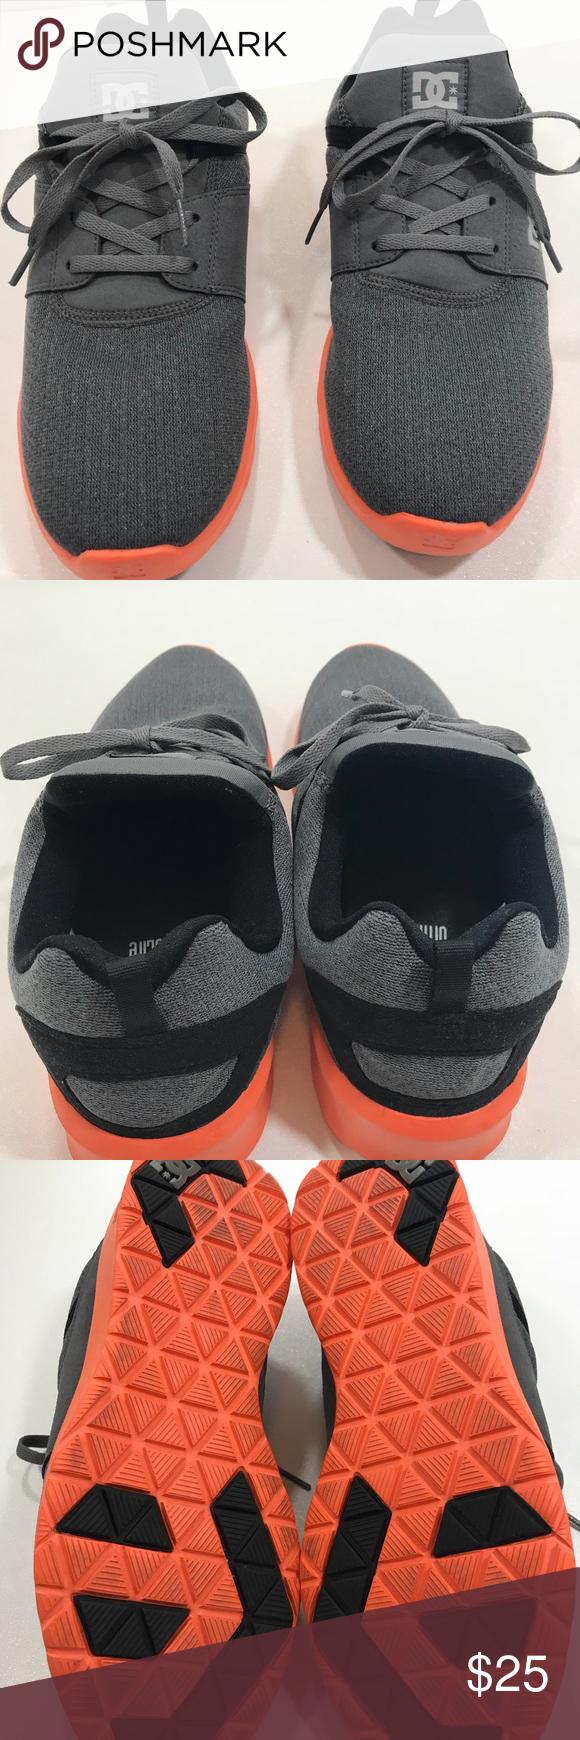 Shoes Size 10. Unilite Ortholite Grey